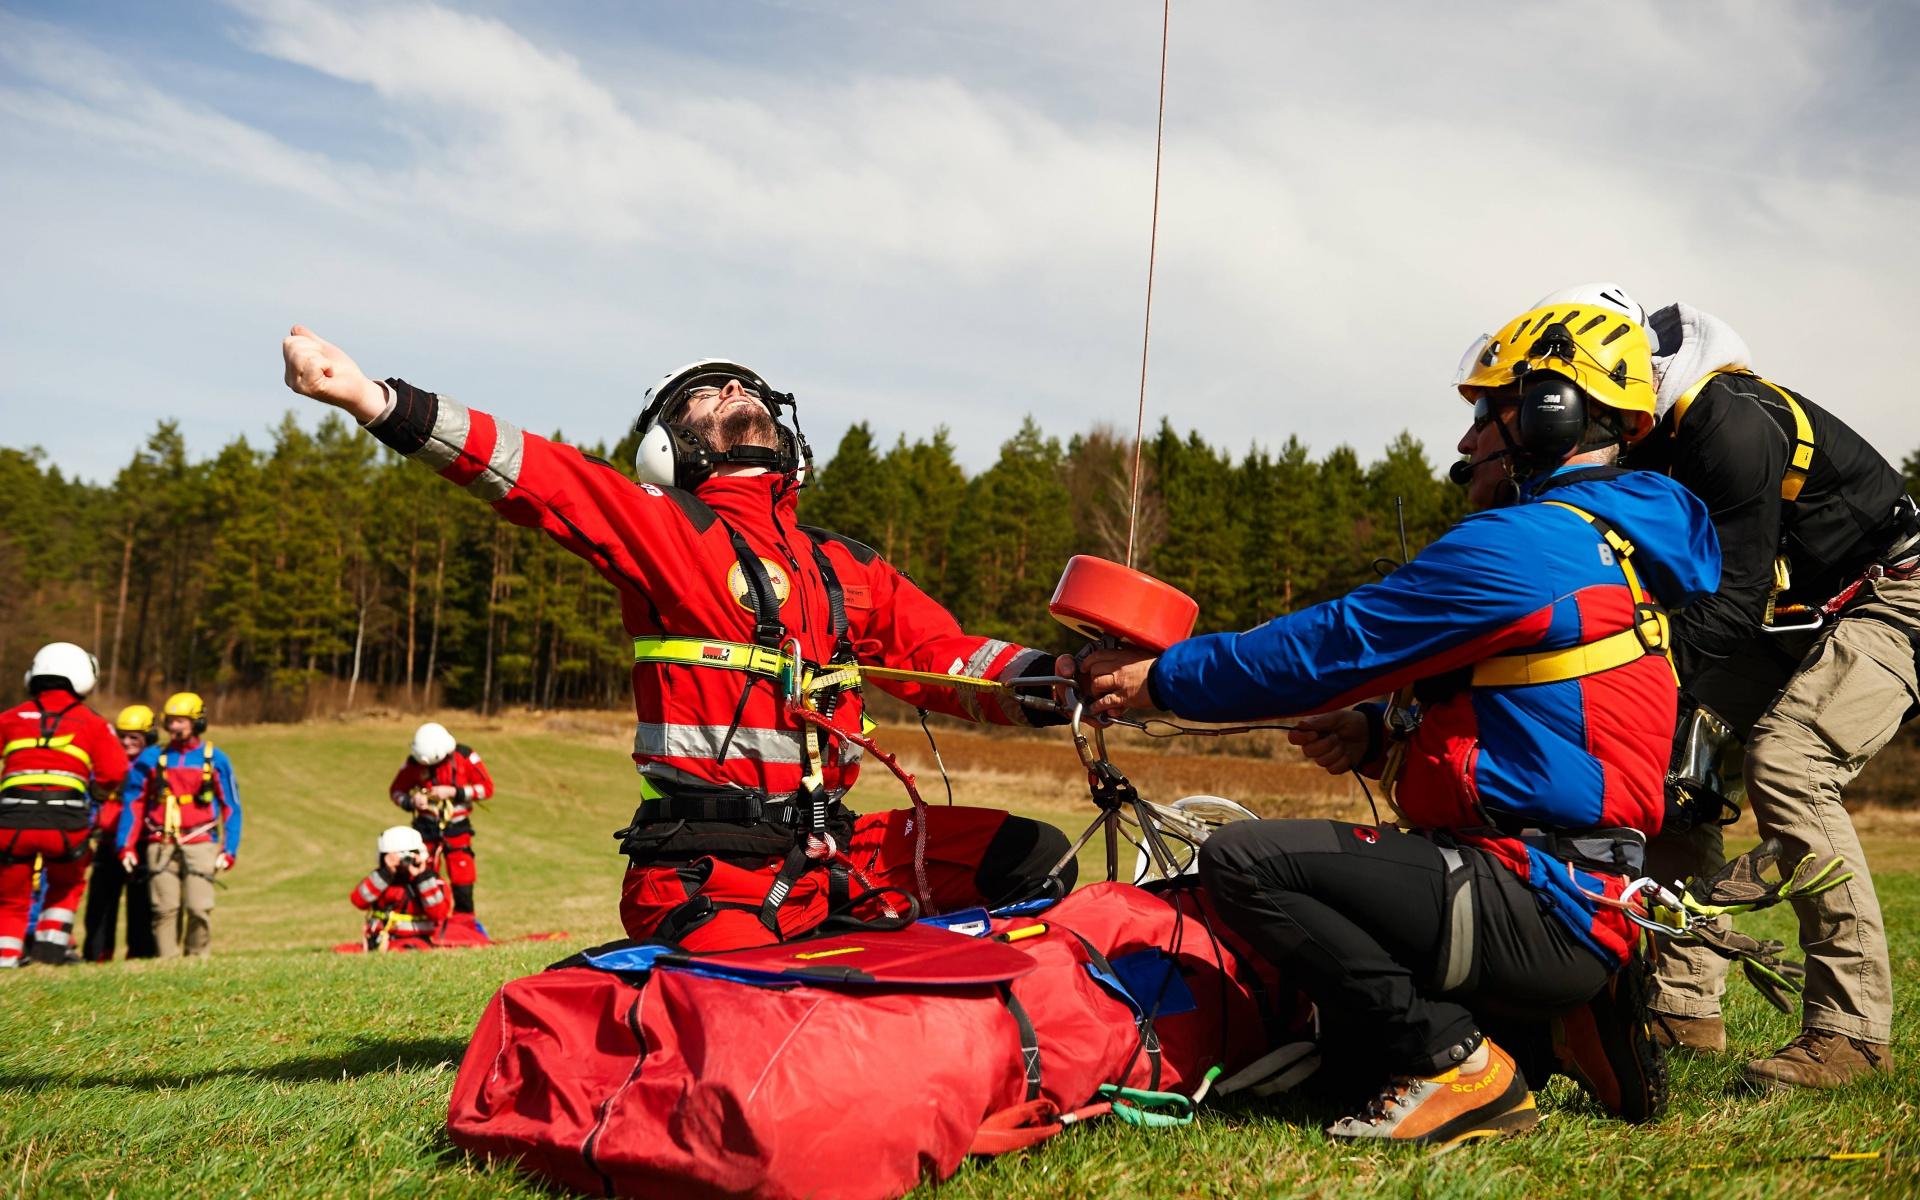 Zum Hochziehen an der Winde zum Hubschrauber wird der Patient in einem sogenannten Bergesach gesichert.